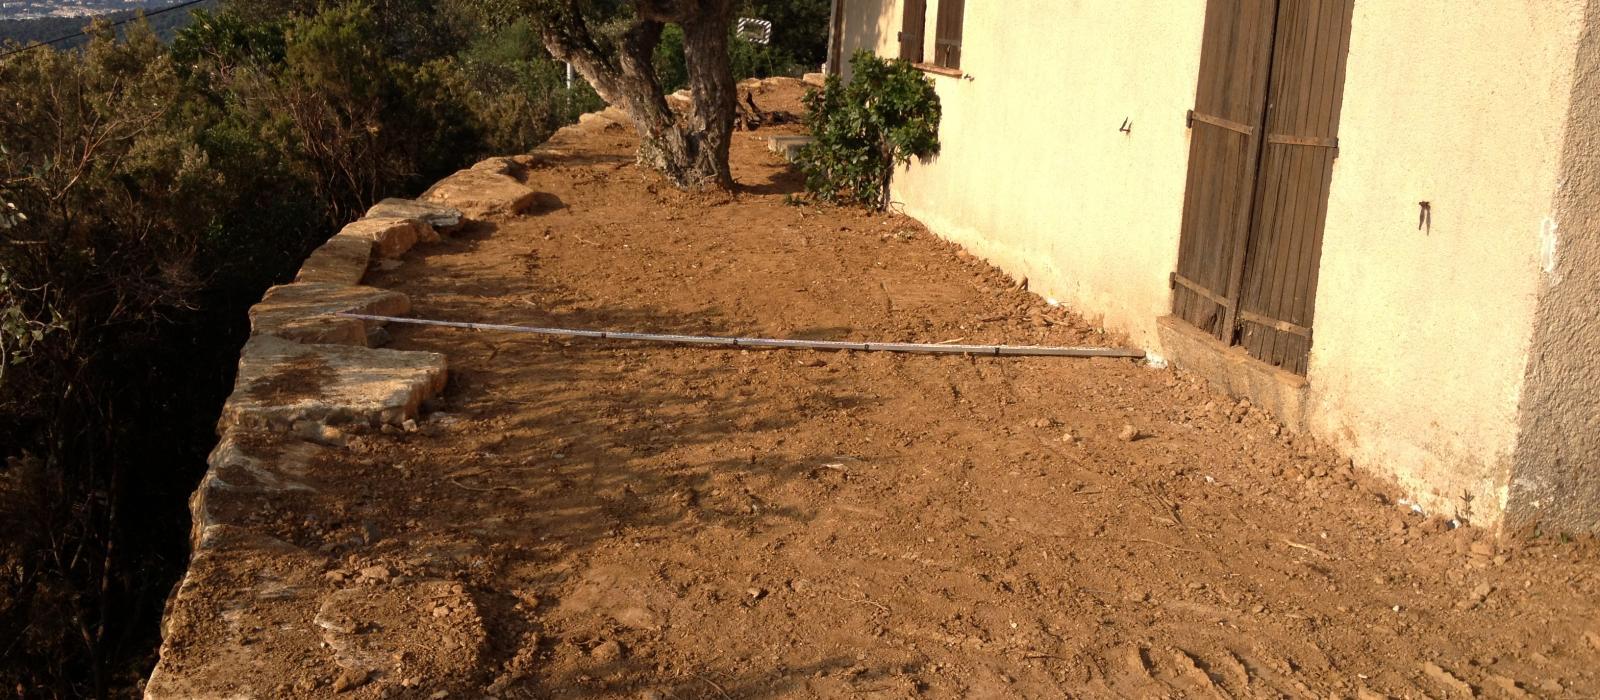 Travaux préparatoires pour pose de gazon à Saint-Tropez